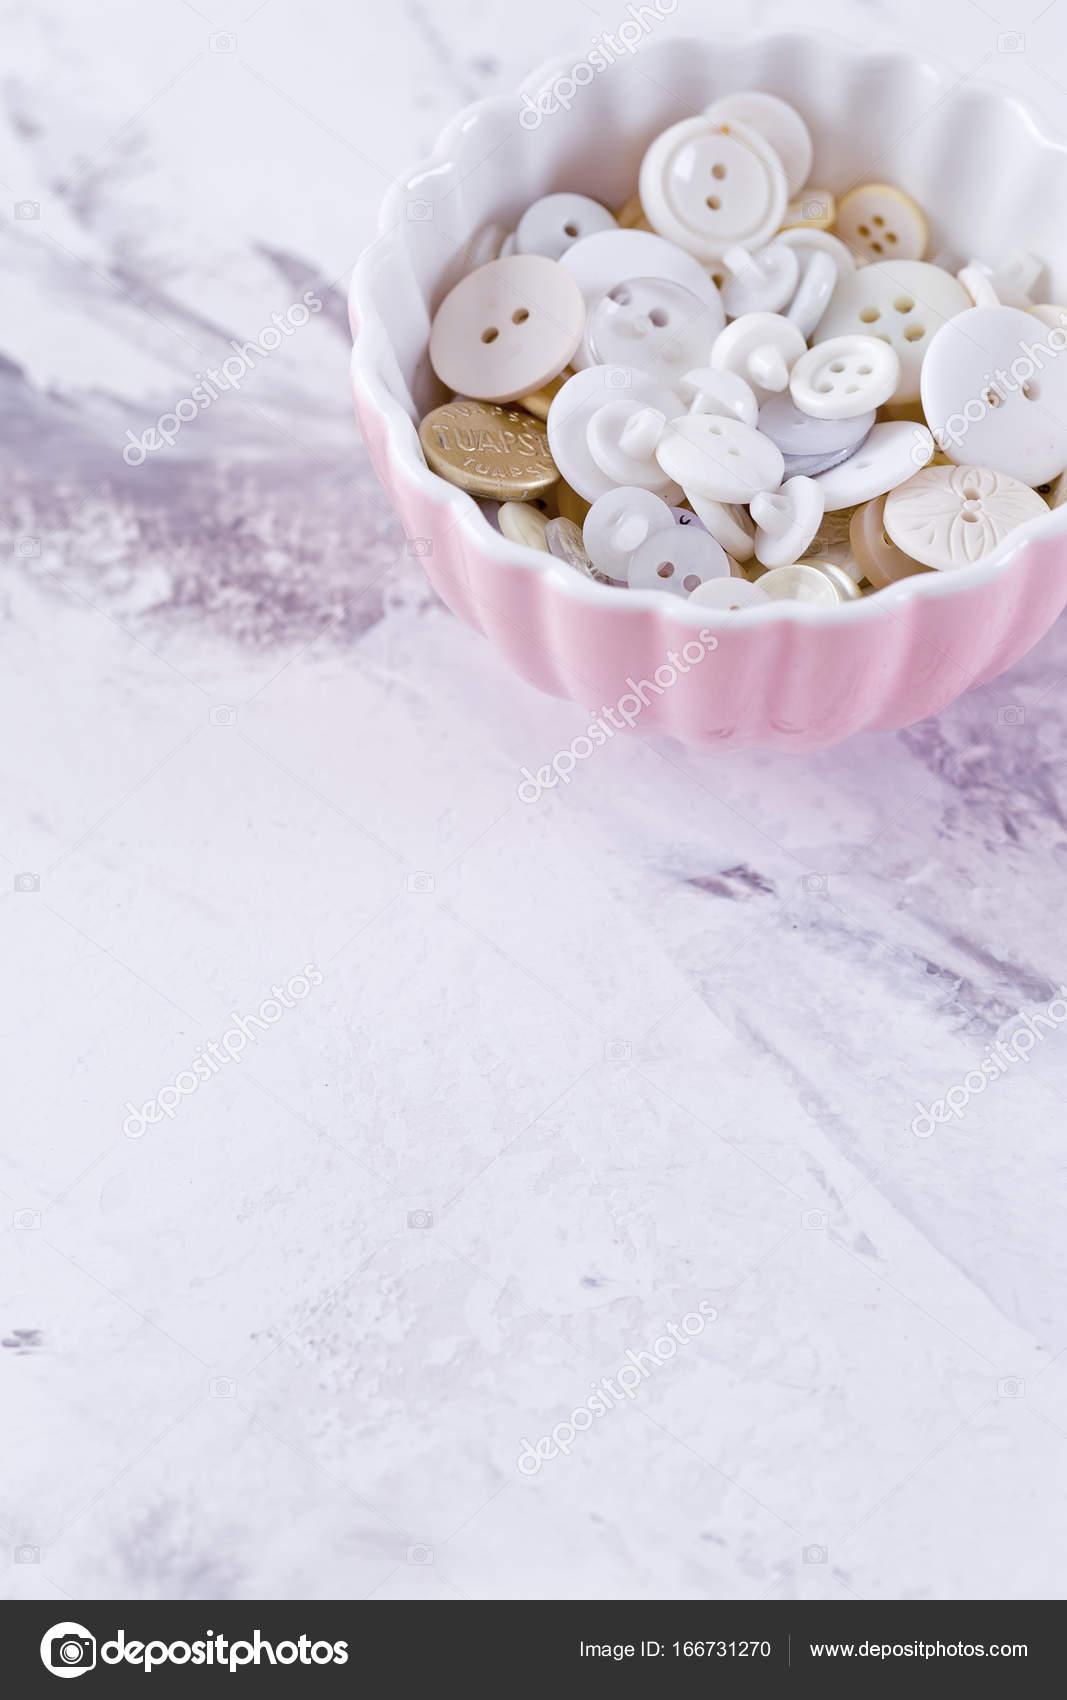 Rosa Schale Mit Weißen Knöpfen über Marmortisch U2014 Stockfoto